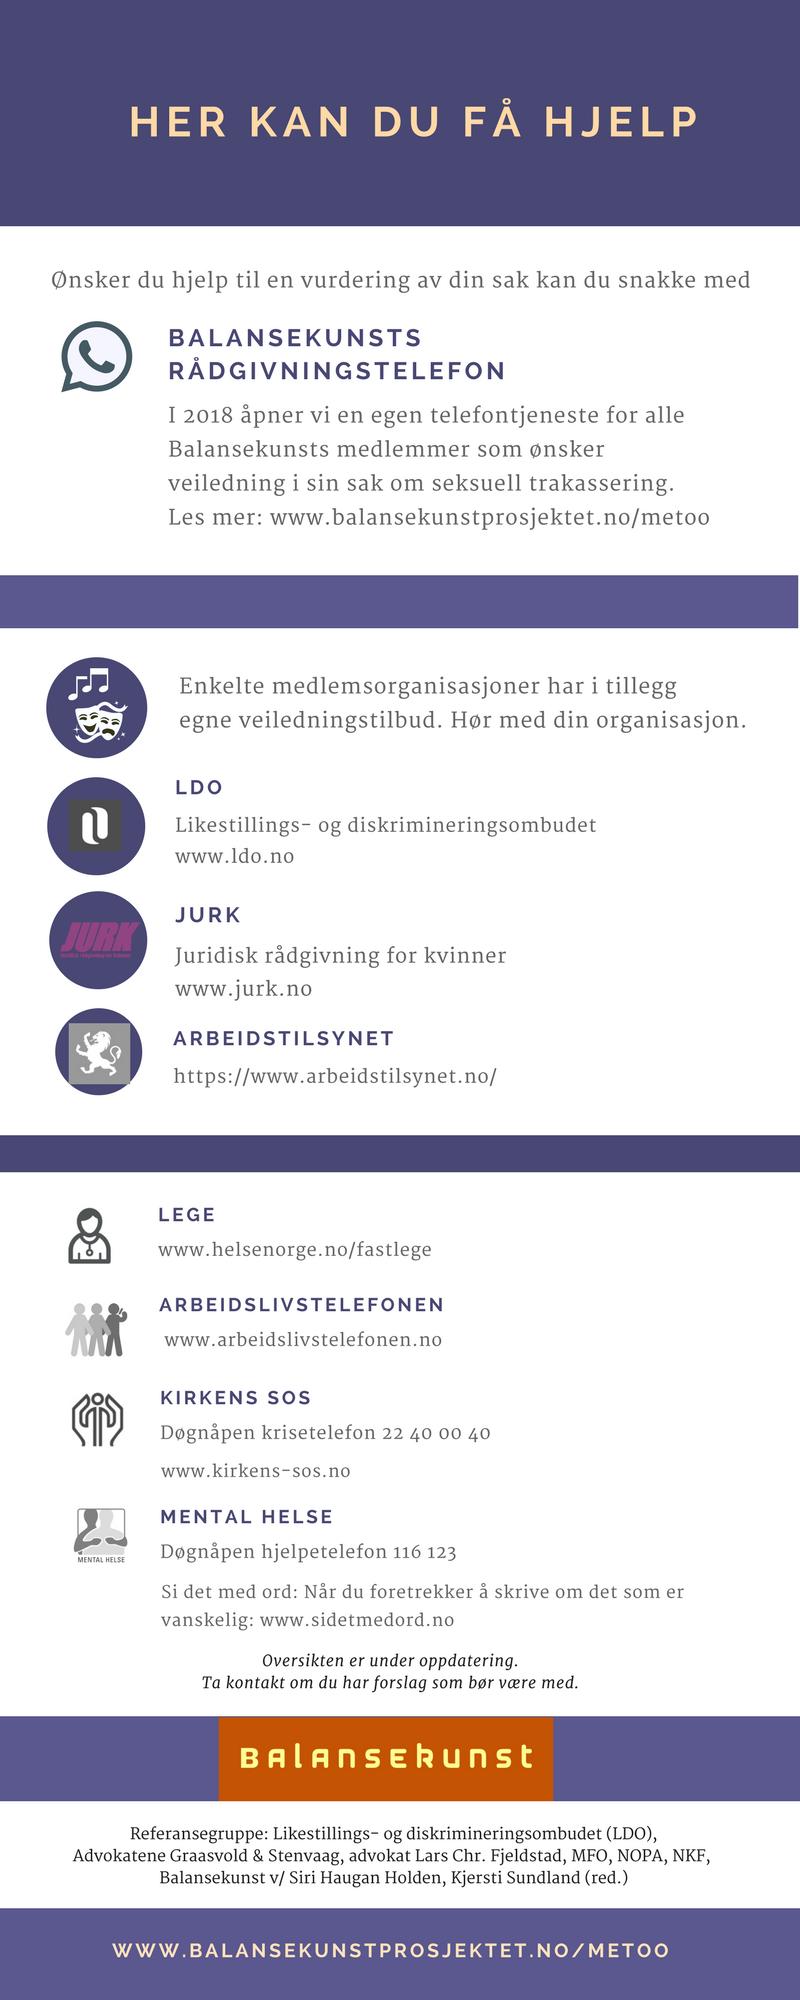 Her kan du få hjelp_Balansekunst.png